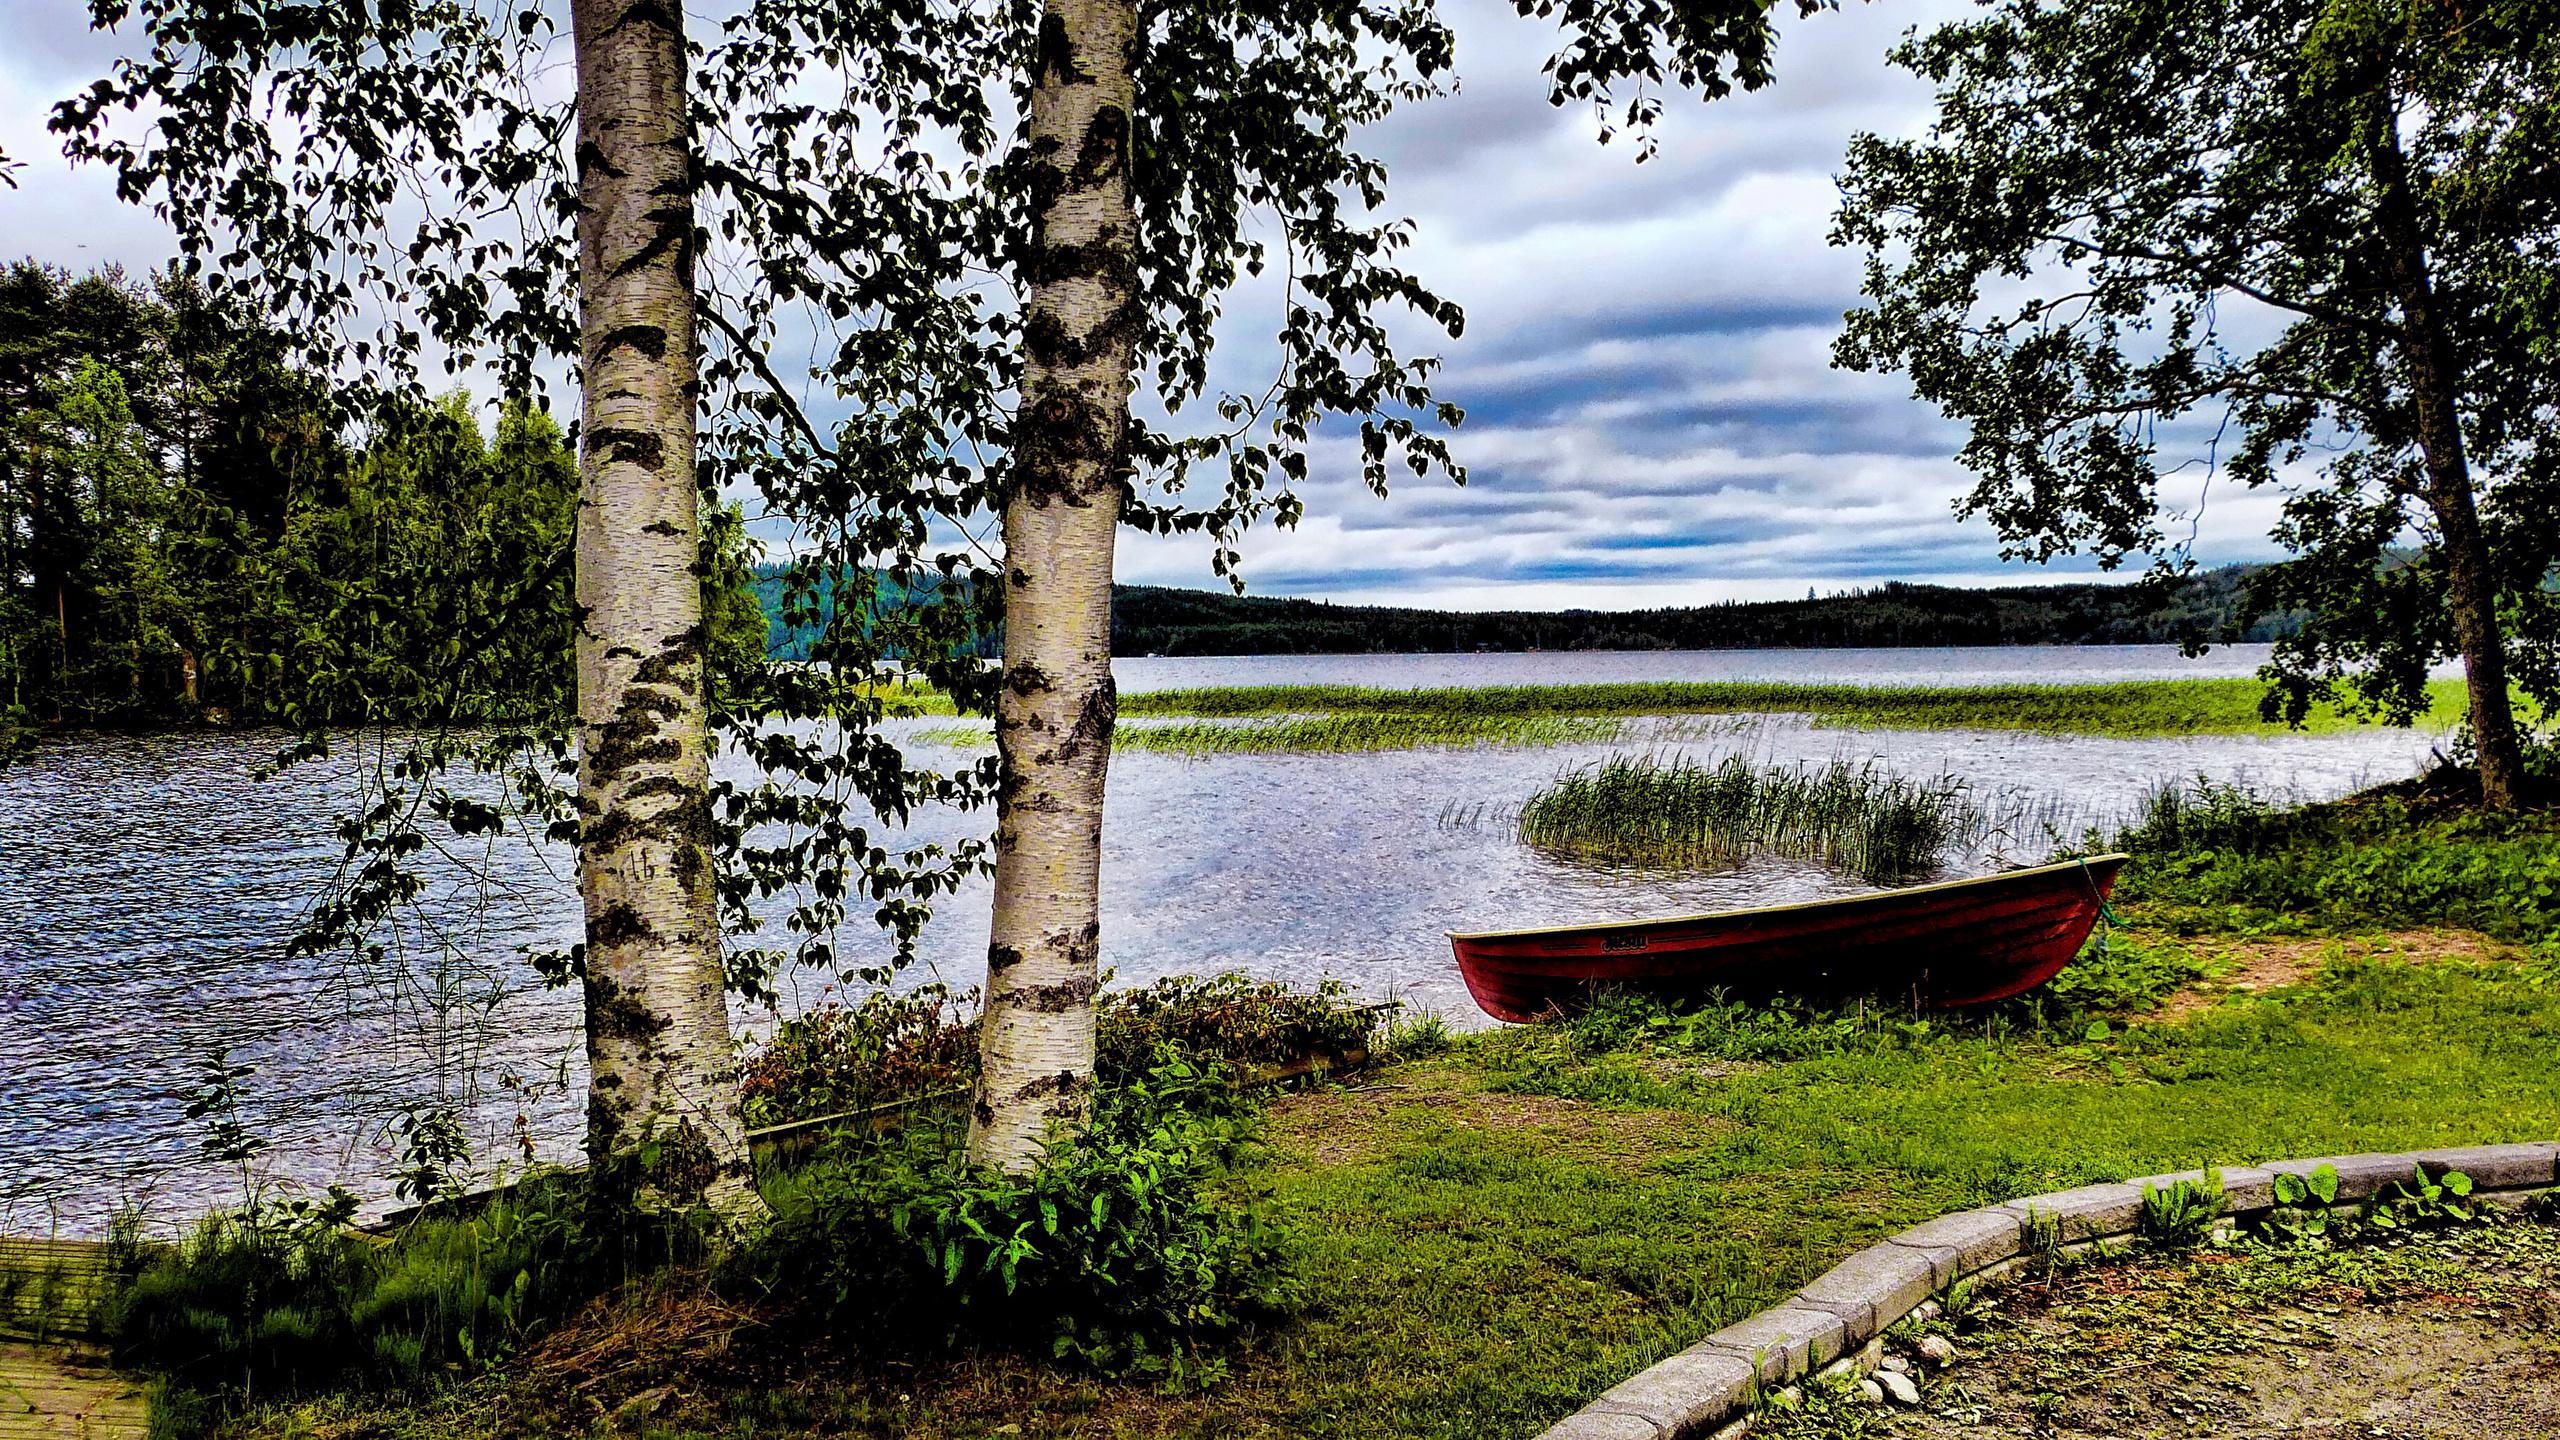 Лодка на берегу зеленого озера  № 2492973 загрузить